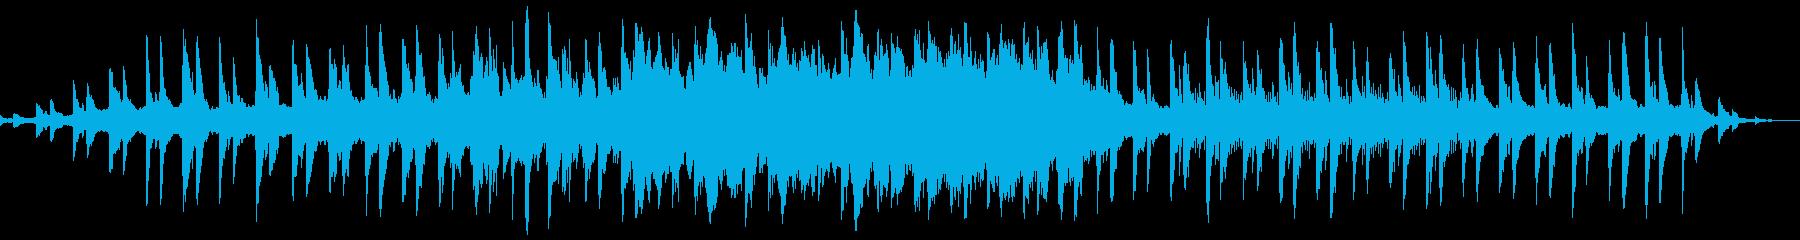 ヒーリングで落ち着いた雰囲気のBGMの再生済みの波形